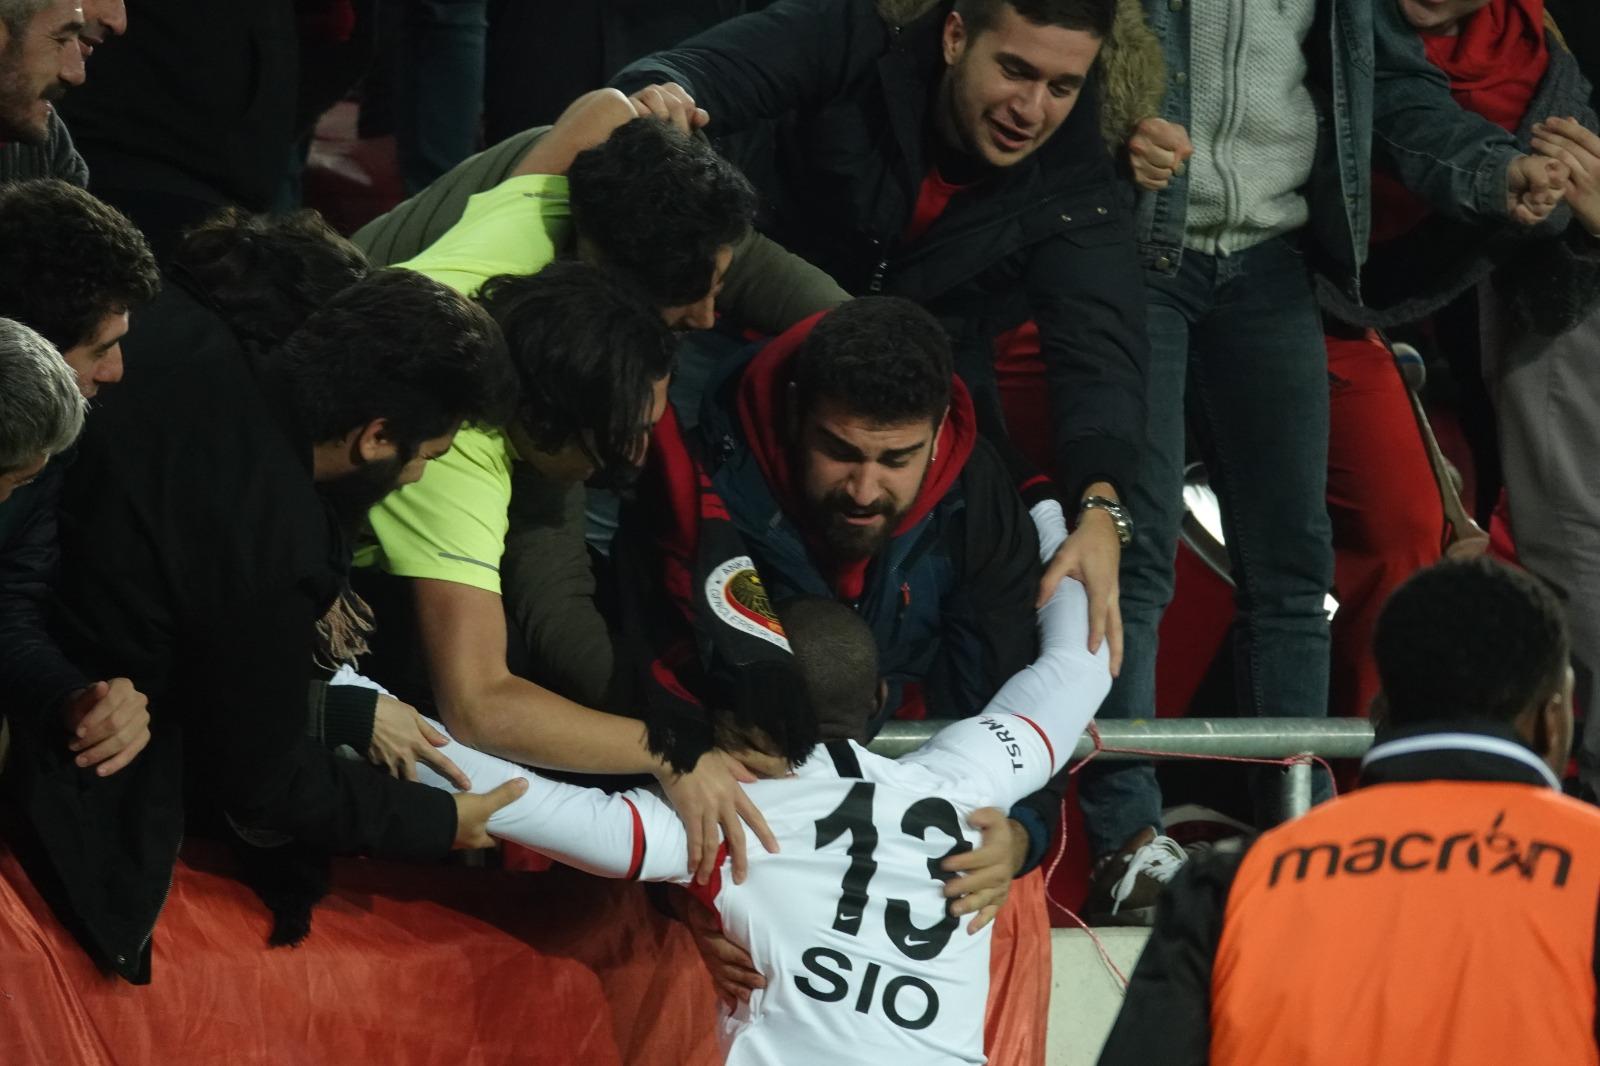 """Sio: """"Gol attığımda taraftarlarla kutluyoruz, bu çok güzel bir duygu"""""""